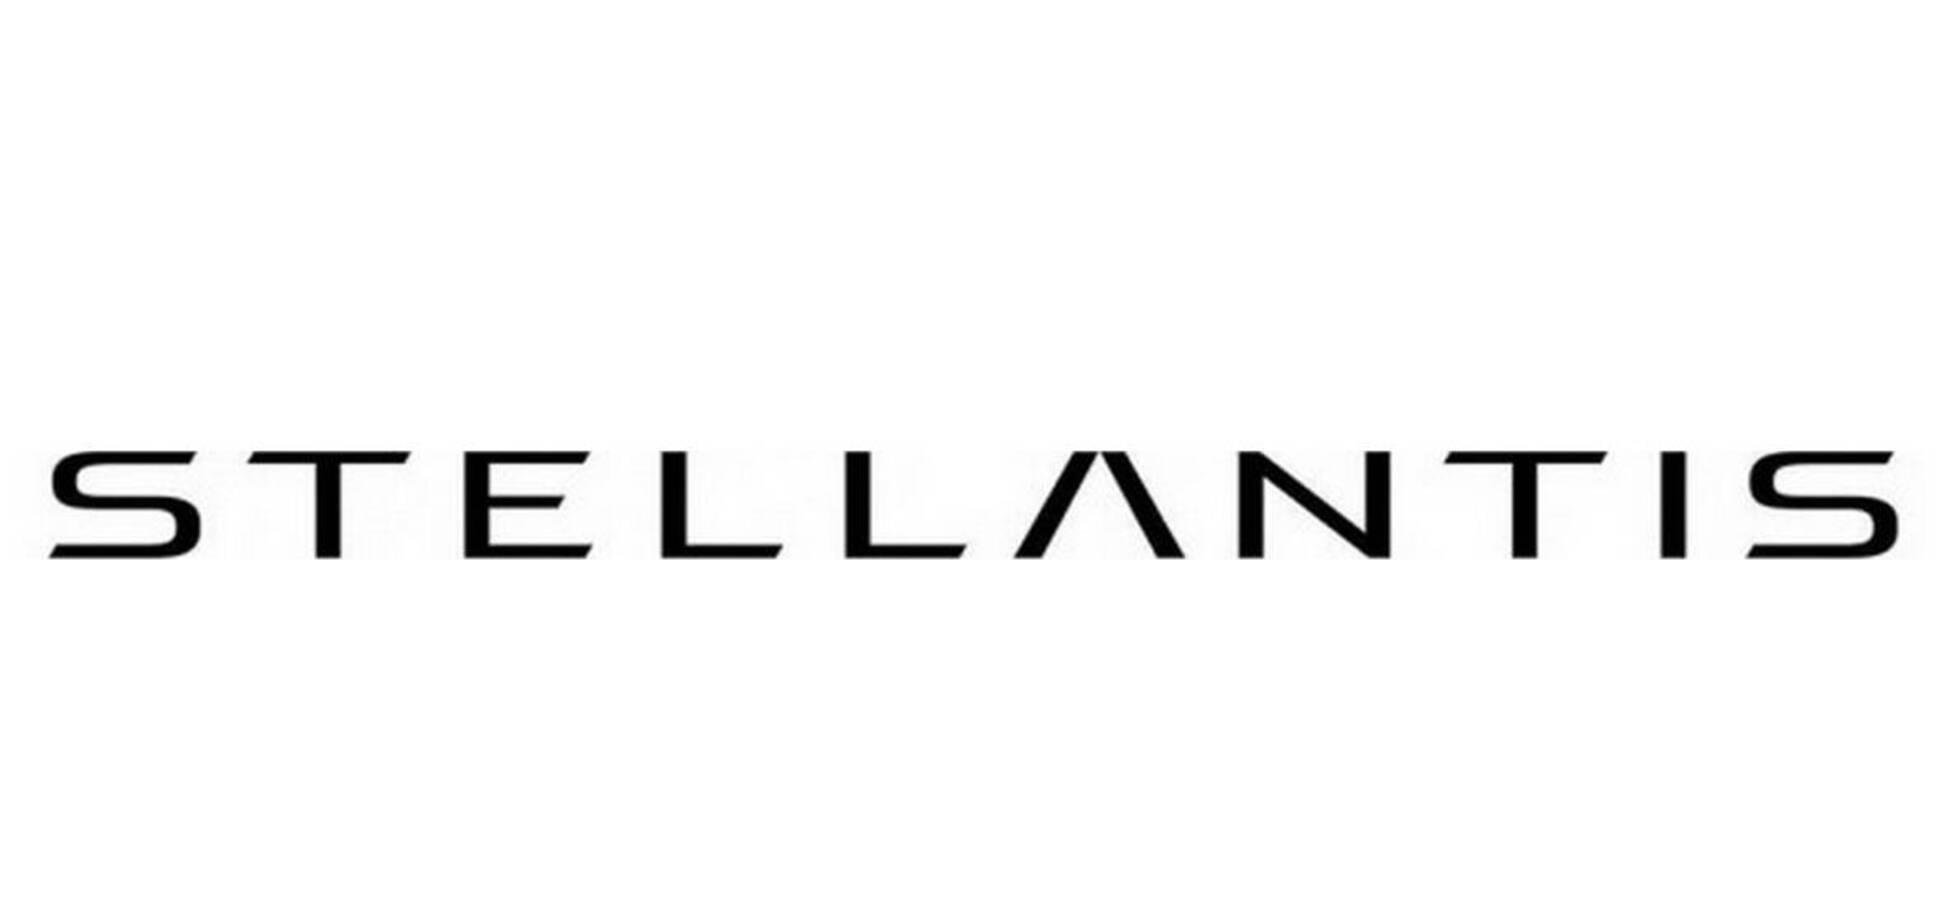 У світі з'явився новий автомобільний концерн Stellantis